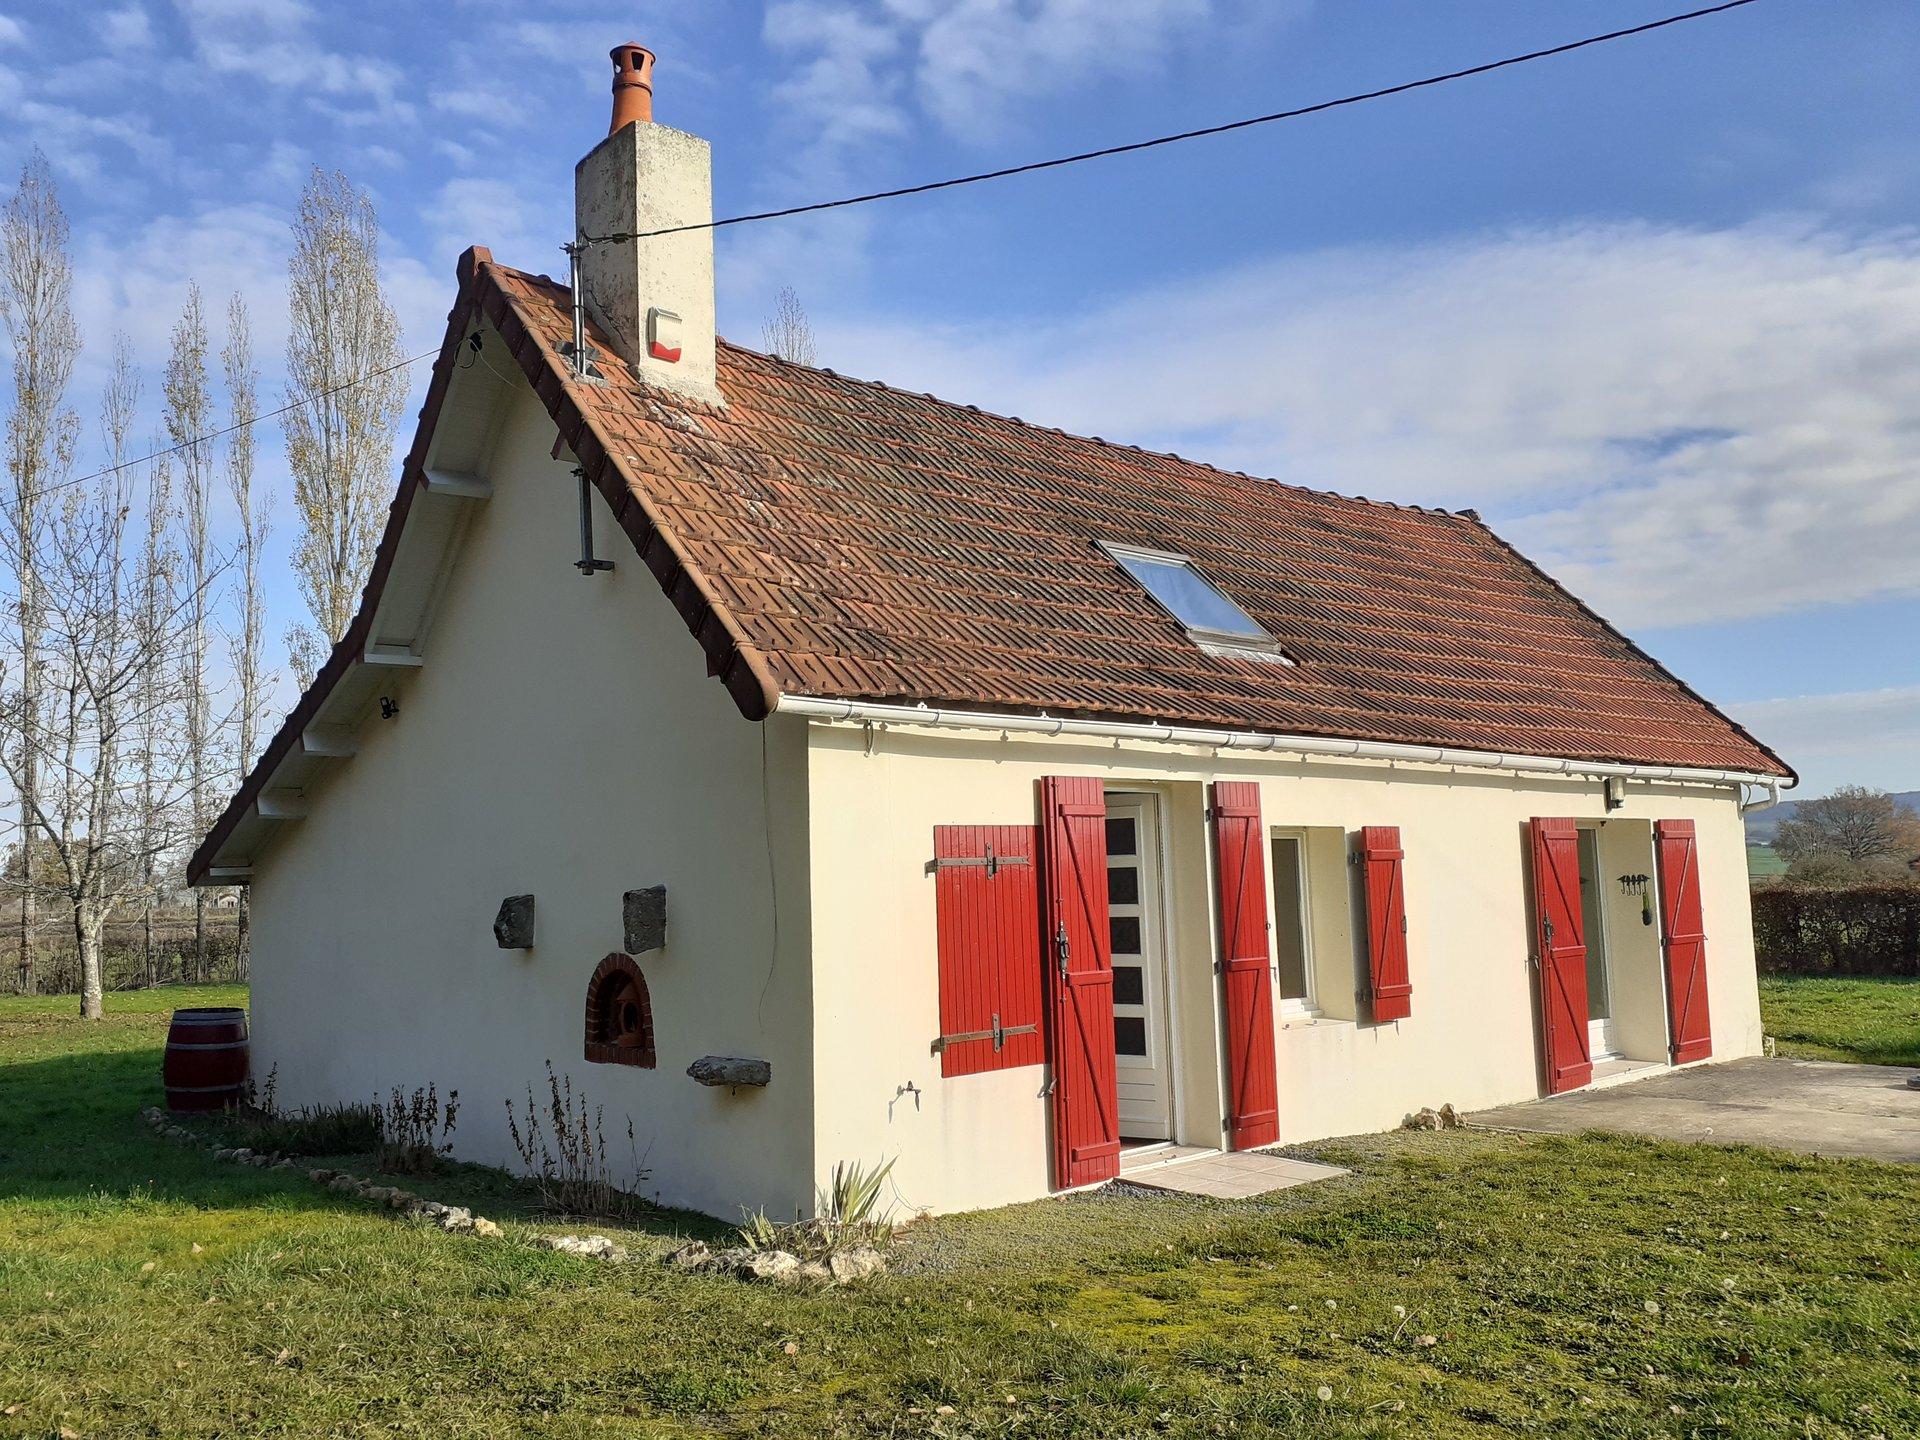 Charmant vrijstaand maison de campagne in de Bourgogne